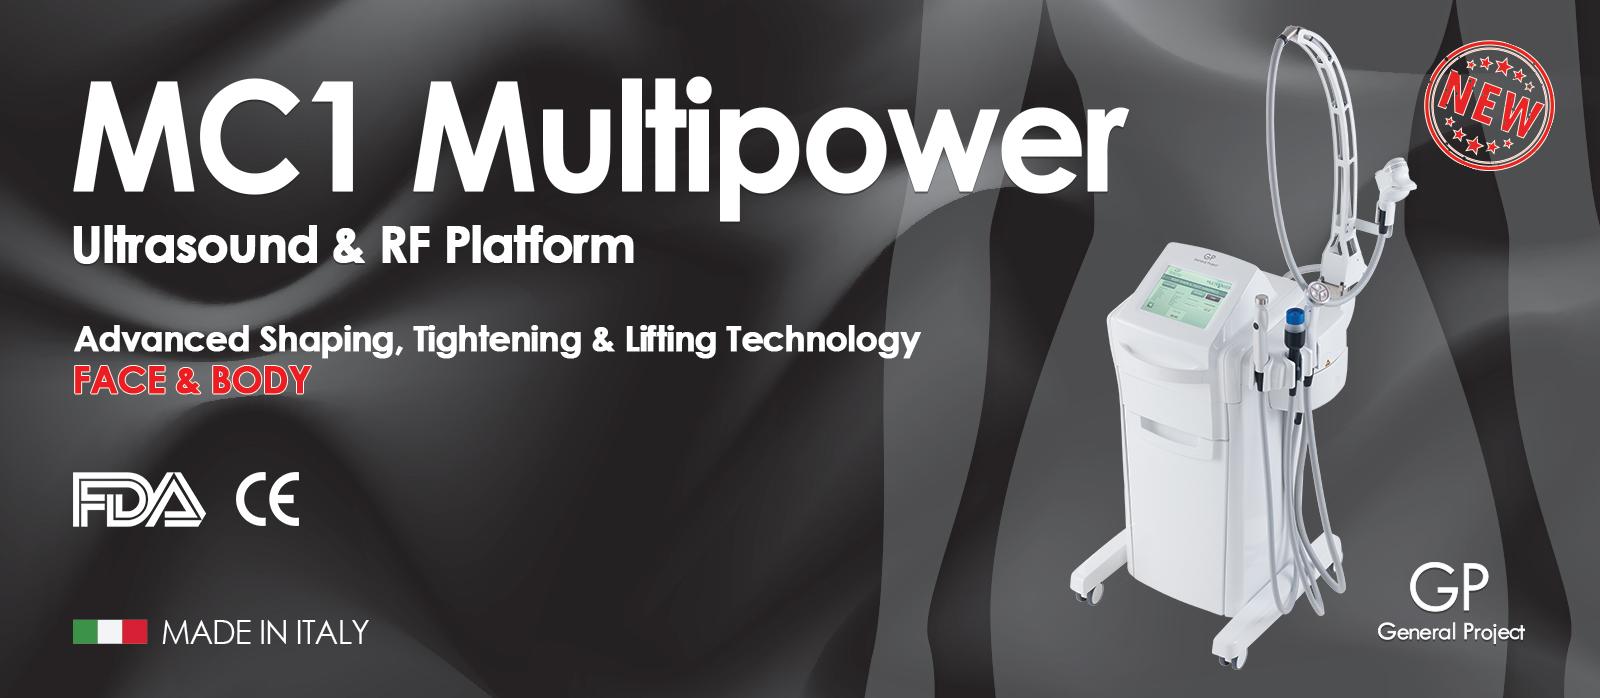 21-12-96-Slider-MC1-Multipower-Site-1600-x-698